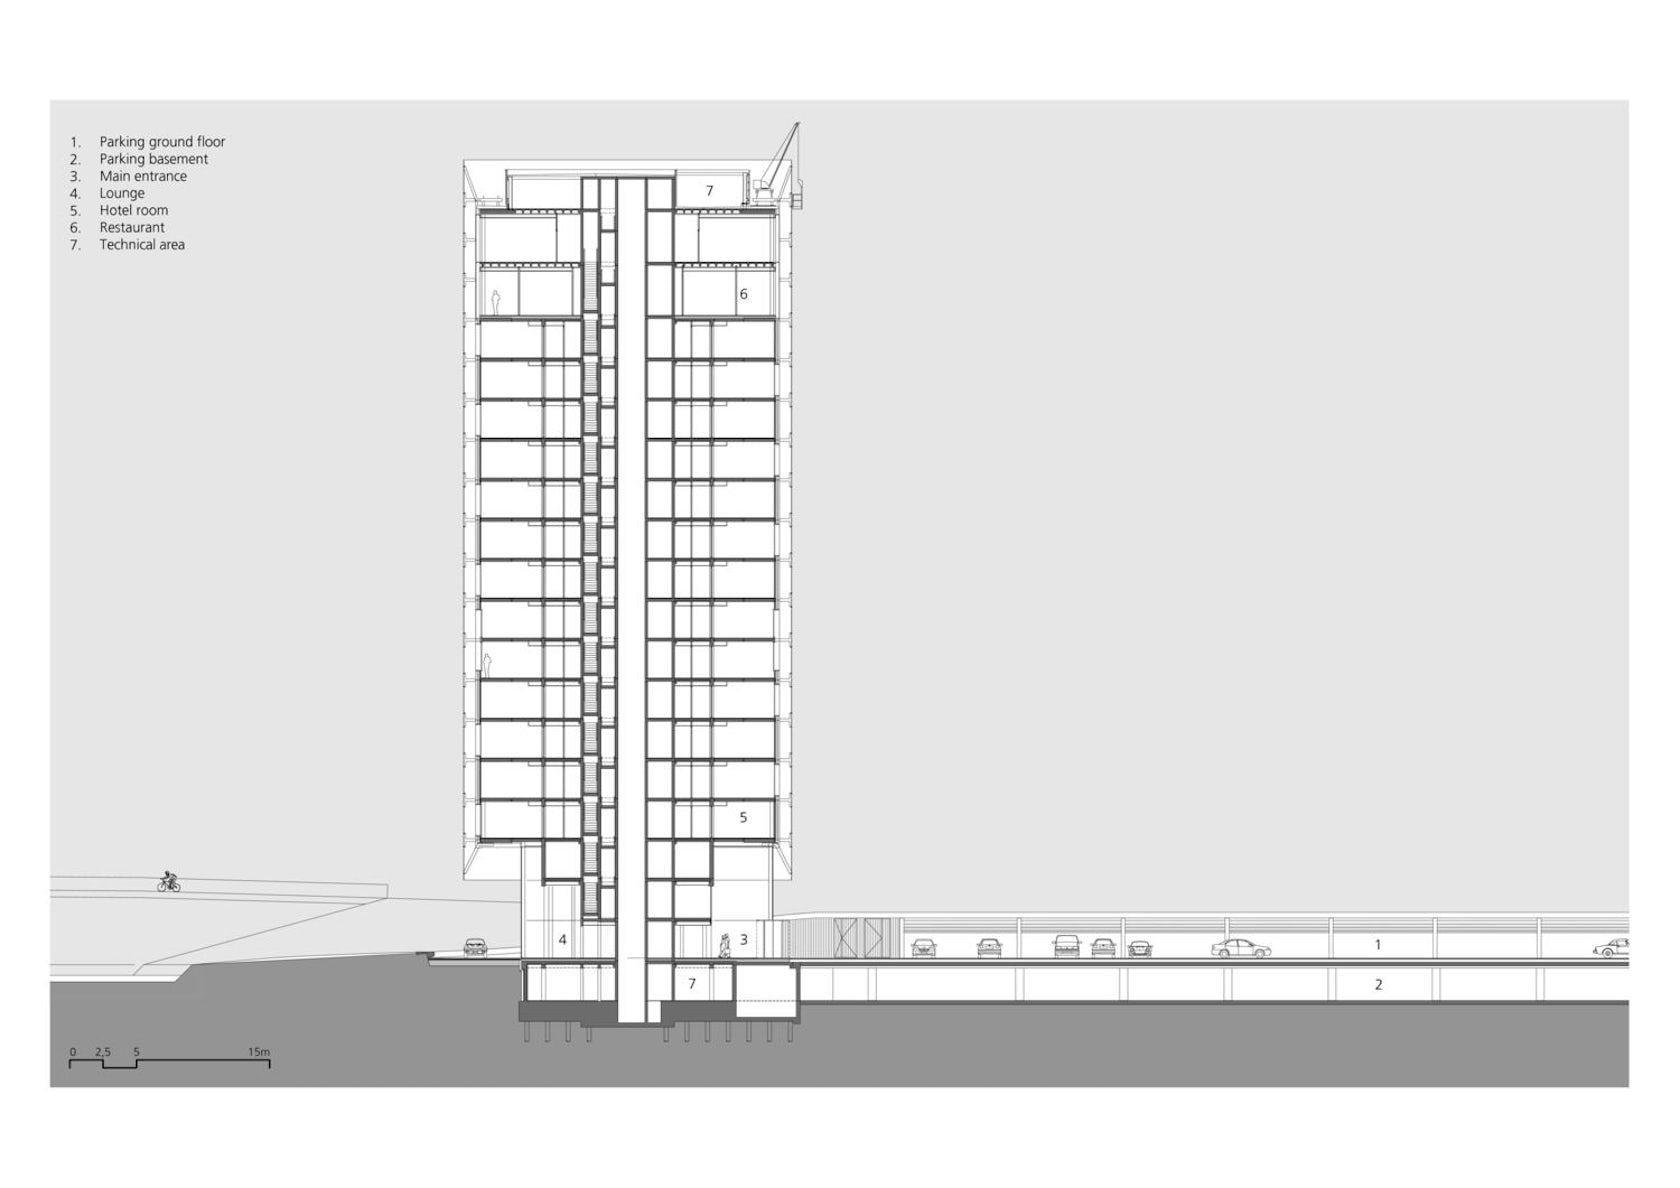 Fletcher Hotel Amsterdam On Architizer